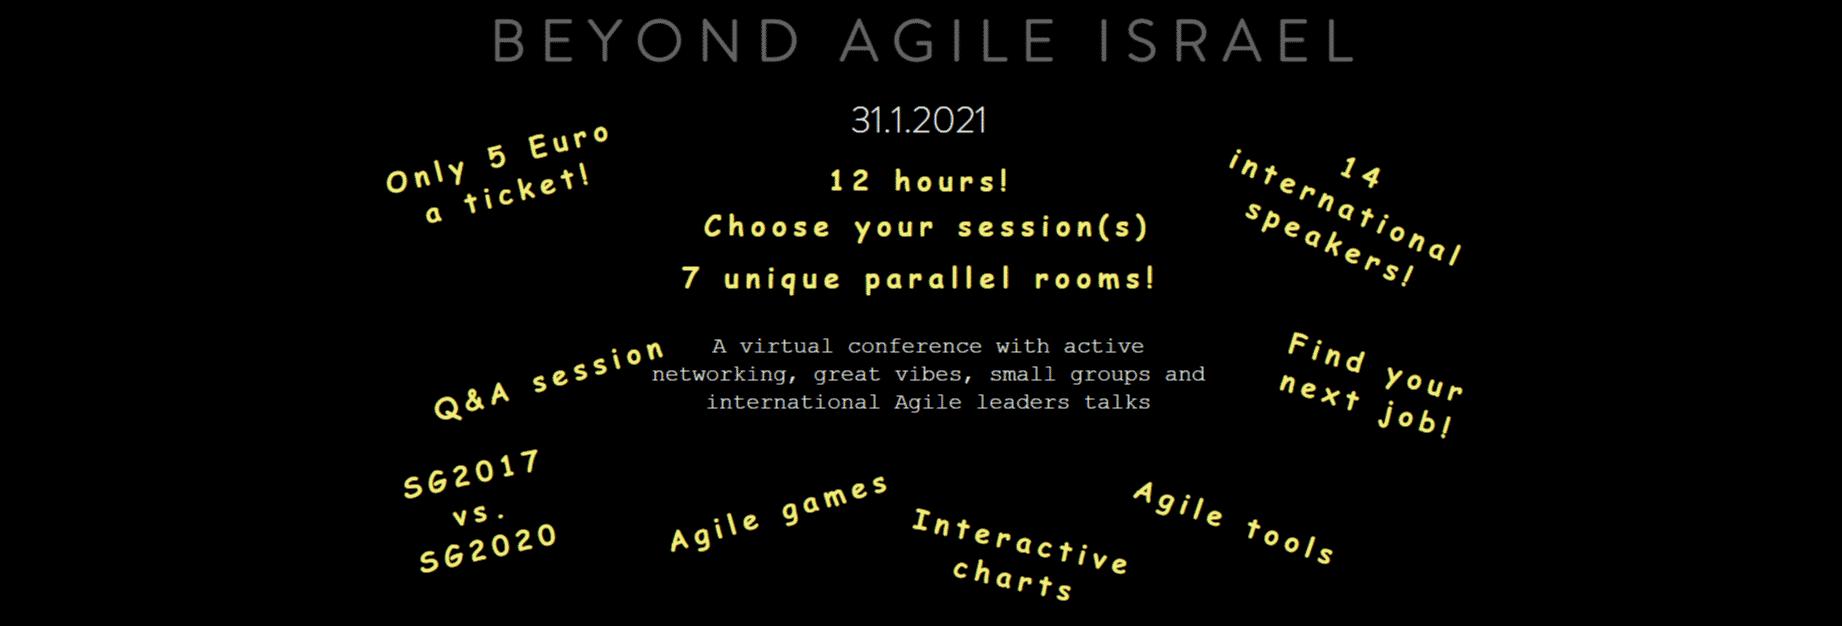 Beyond Agile Israel 2021